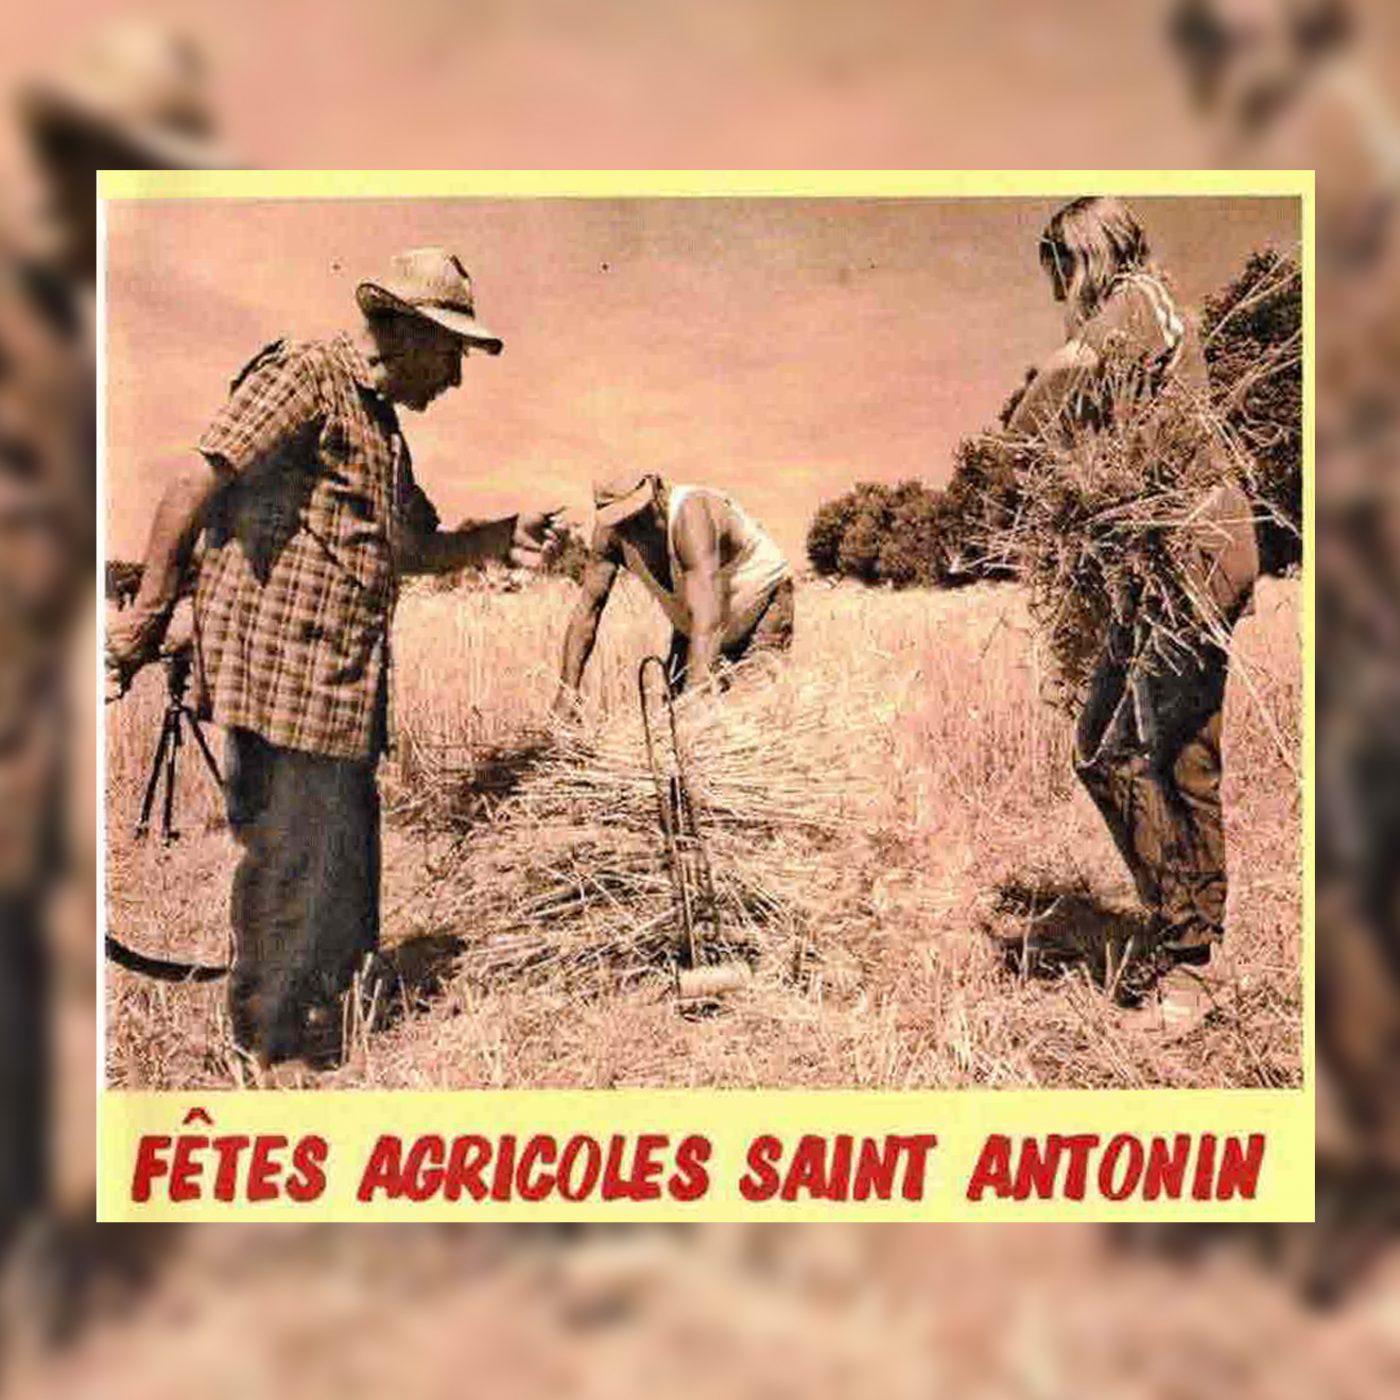 jaquette-fetes-agricole